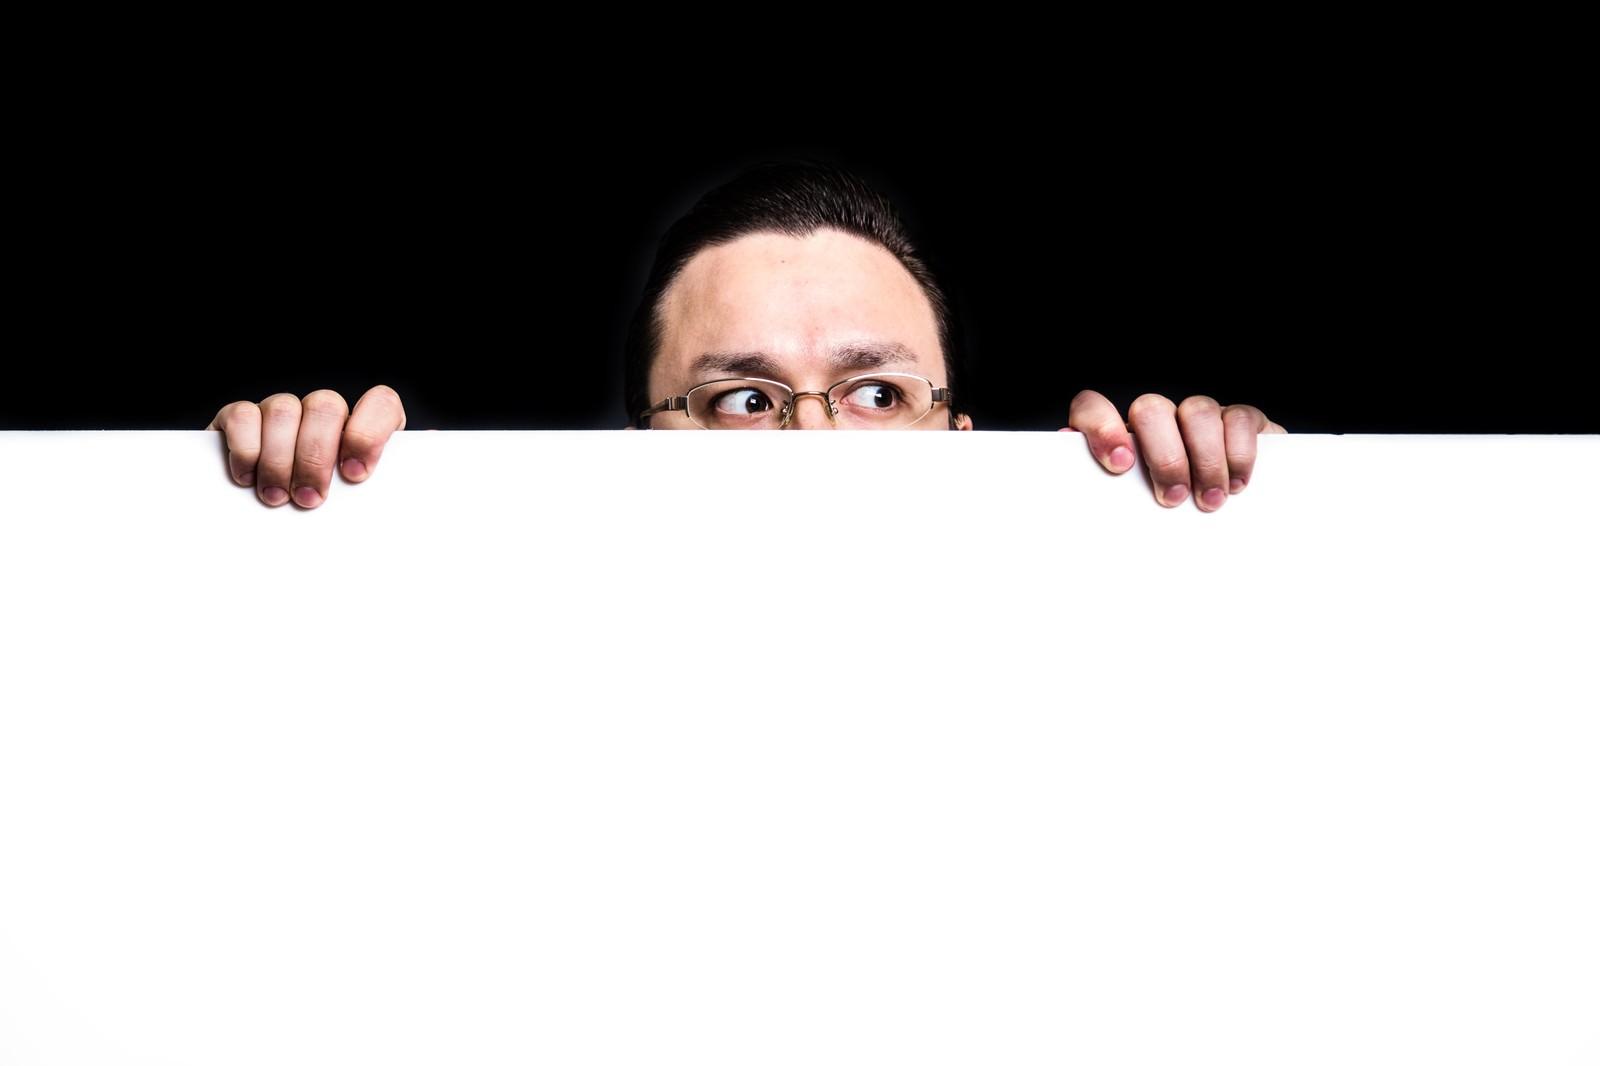 「白いボードから顔を出す超大型ドイツ人ハーフ   写真の無料素材・フリー素材 - ぱくたそ」の写真[モデル:Max_Ezaki]